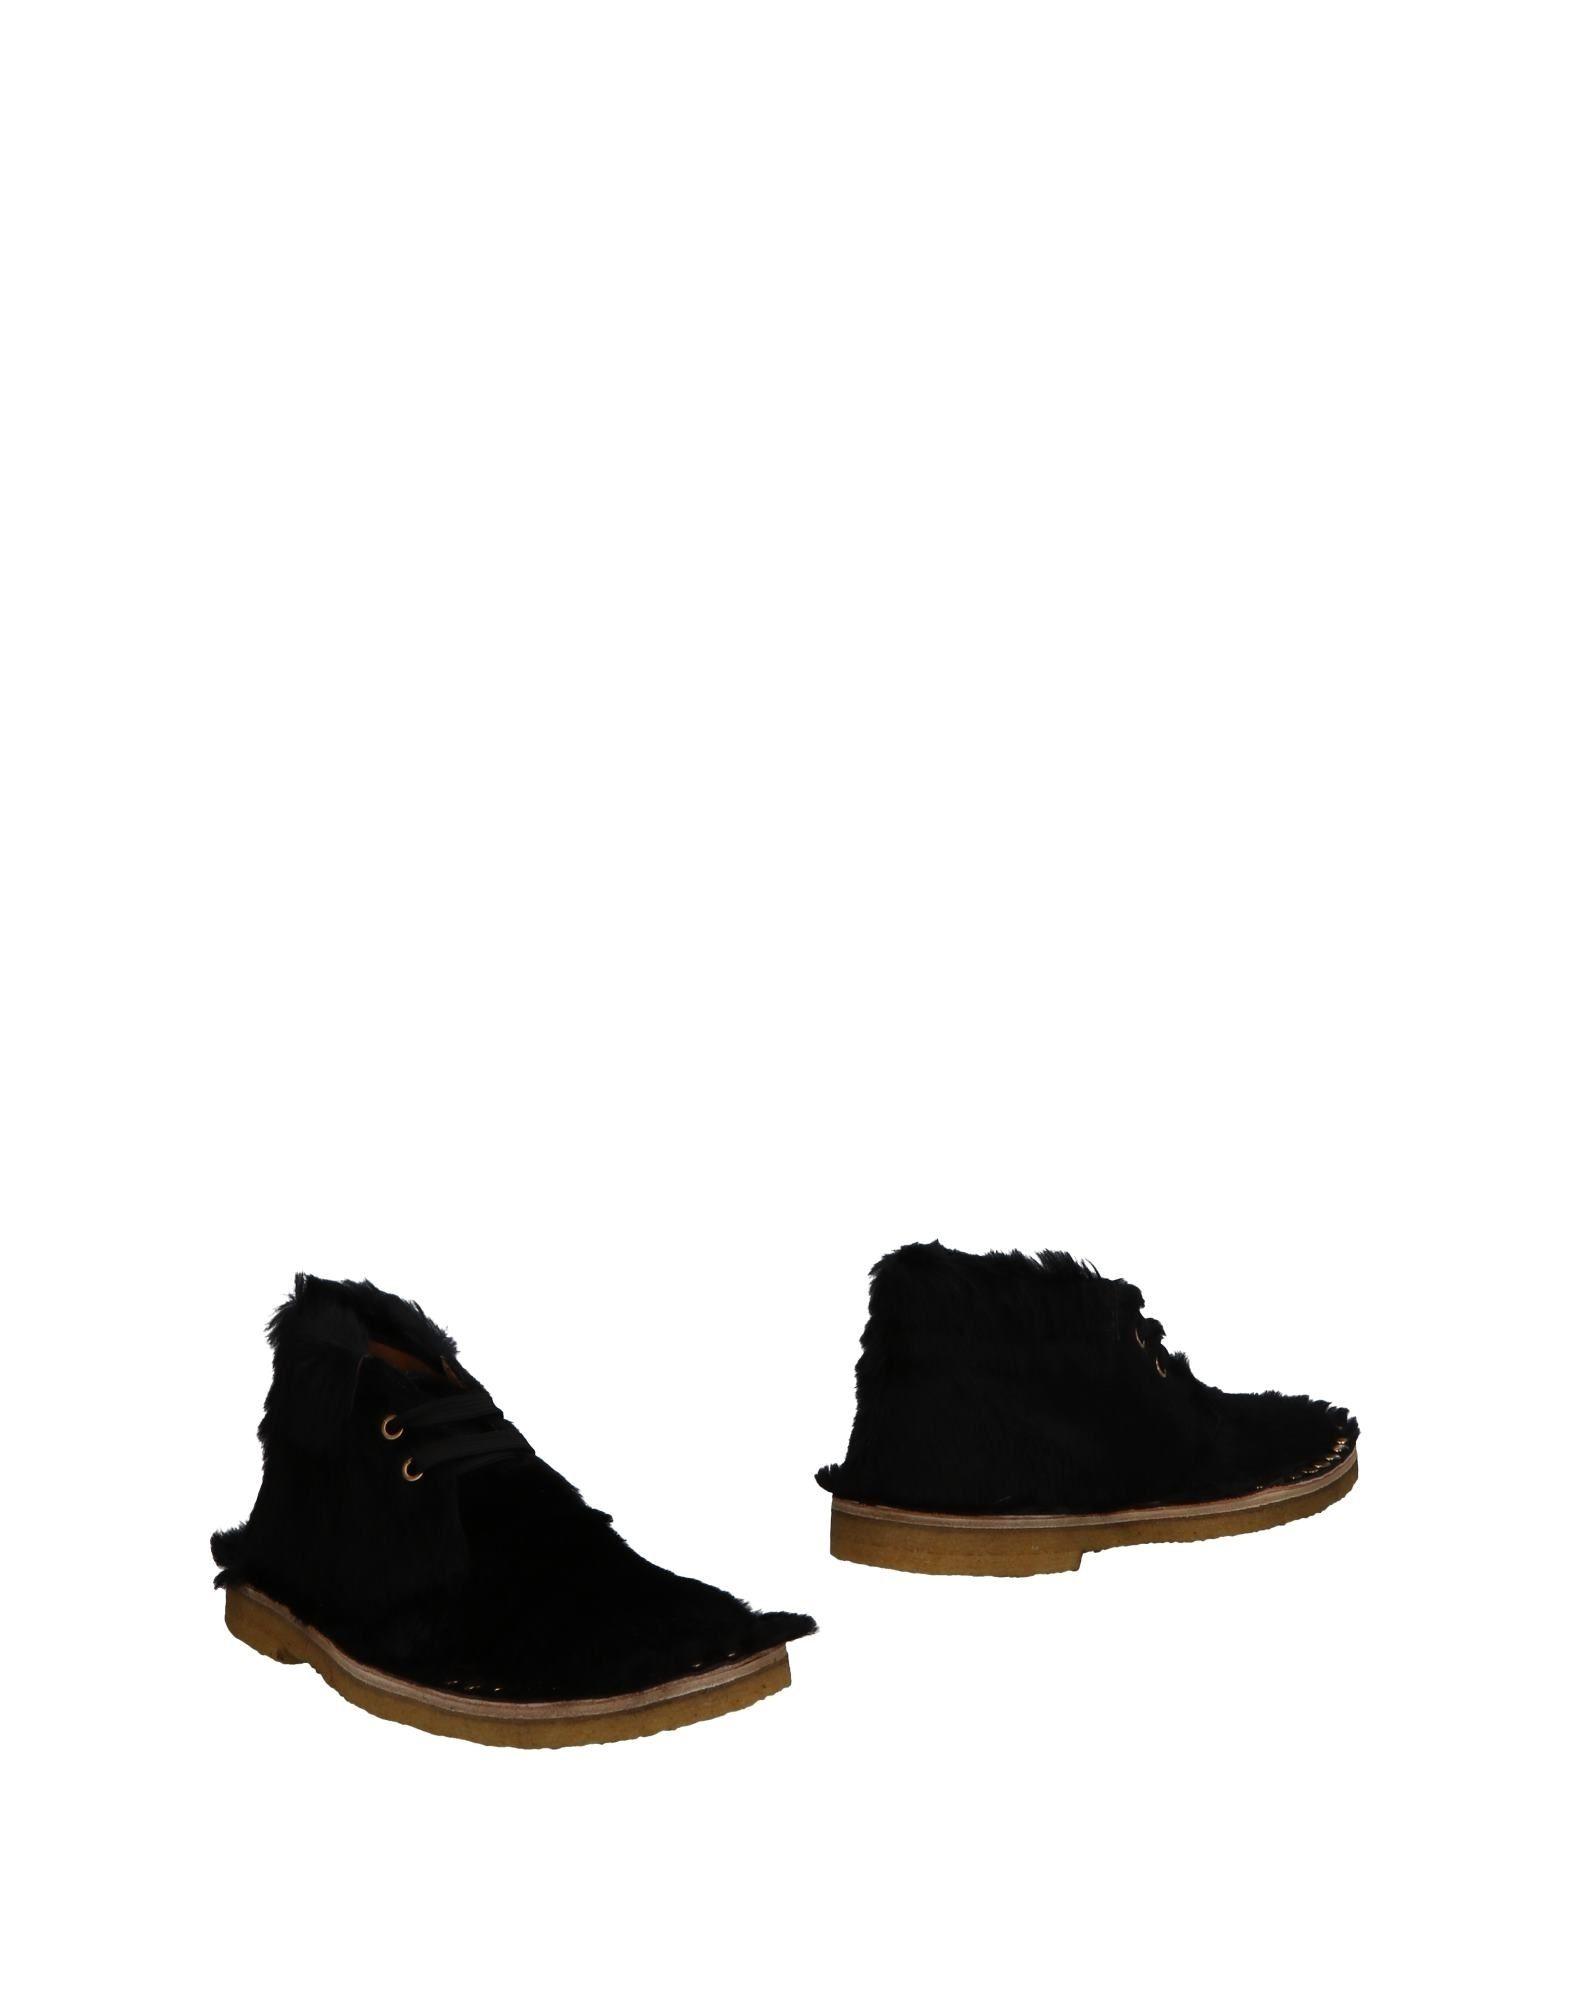 Prada Stiefelette Herren  11496454BD Gute Qualität beliebte Schuhe